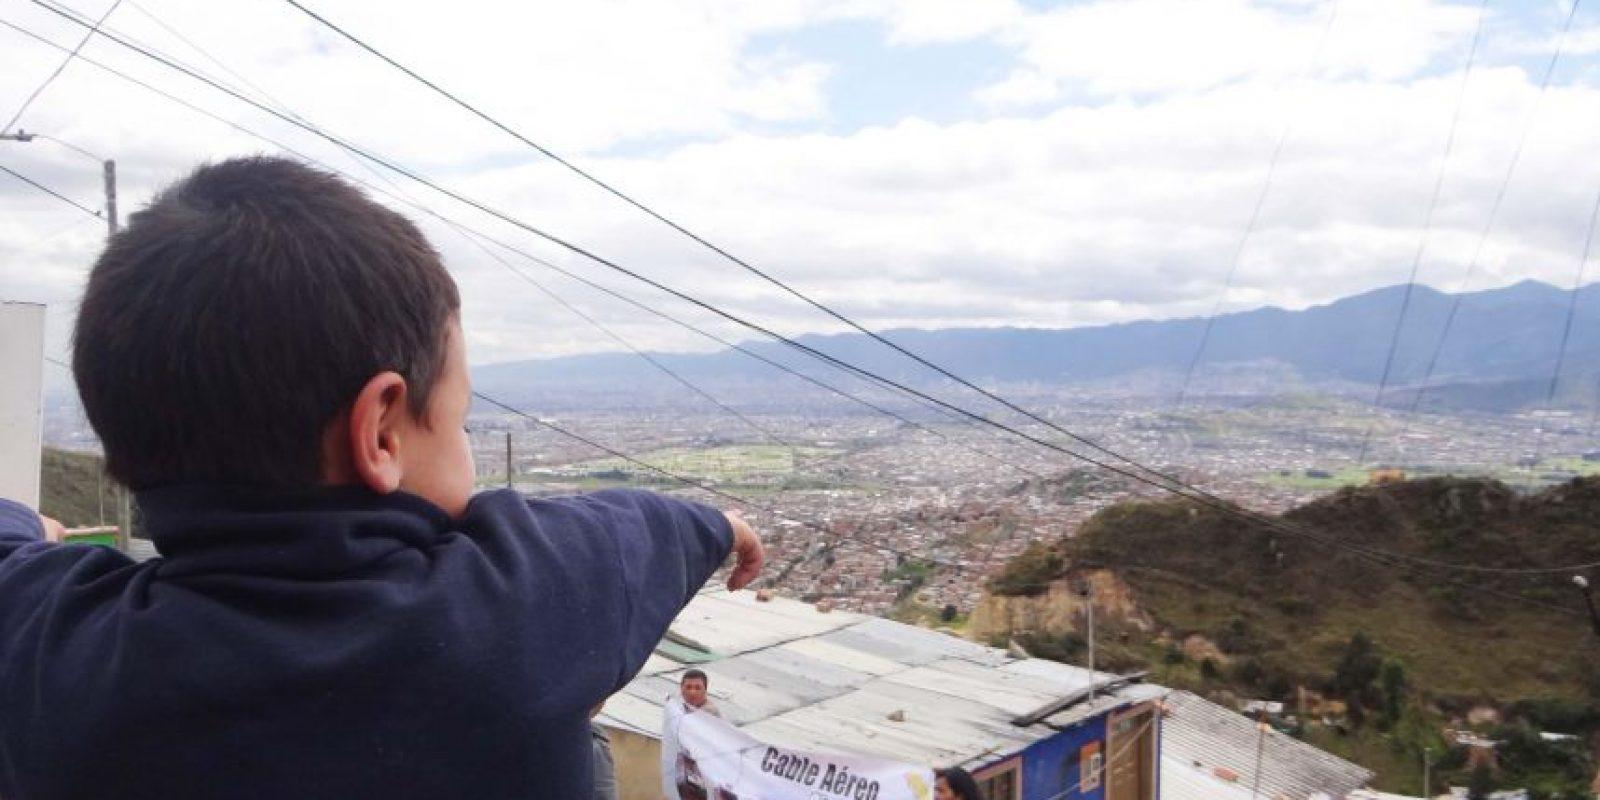 Los habitantes de Ciudad Bolívar están expectantes a que se dé la construcción del cable aéreo de ese sector. Según ellos, con el proyecto se activaría el turismo y mejoraría la calidad de vida. Foto:Diego Hernán Pérez /PUBLIMETRO